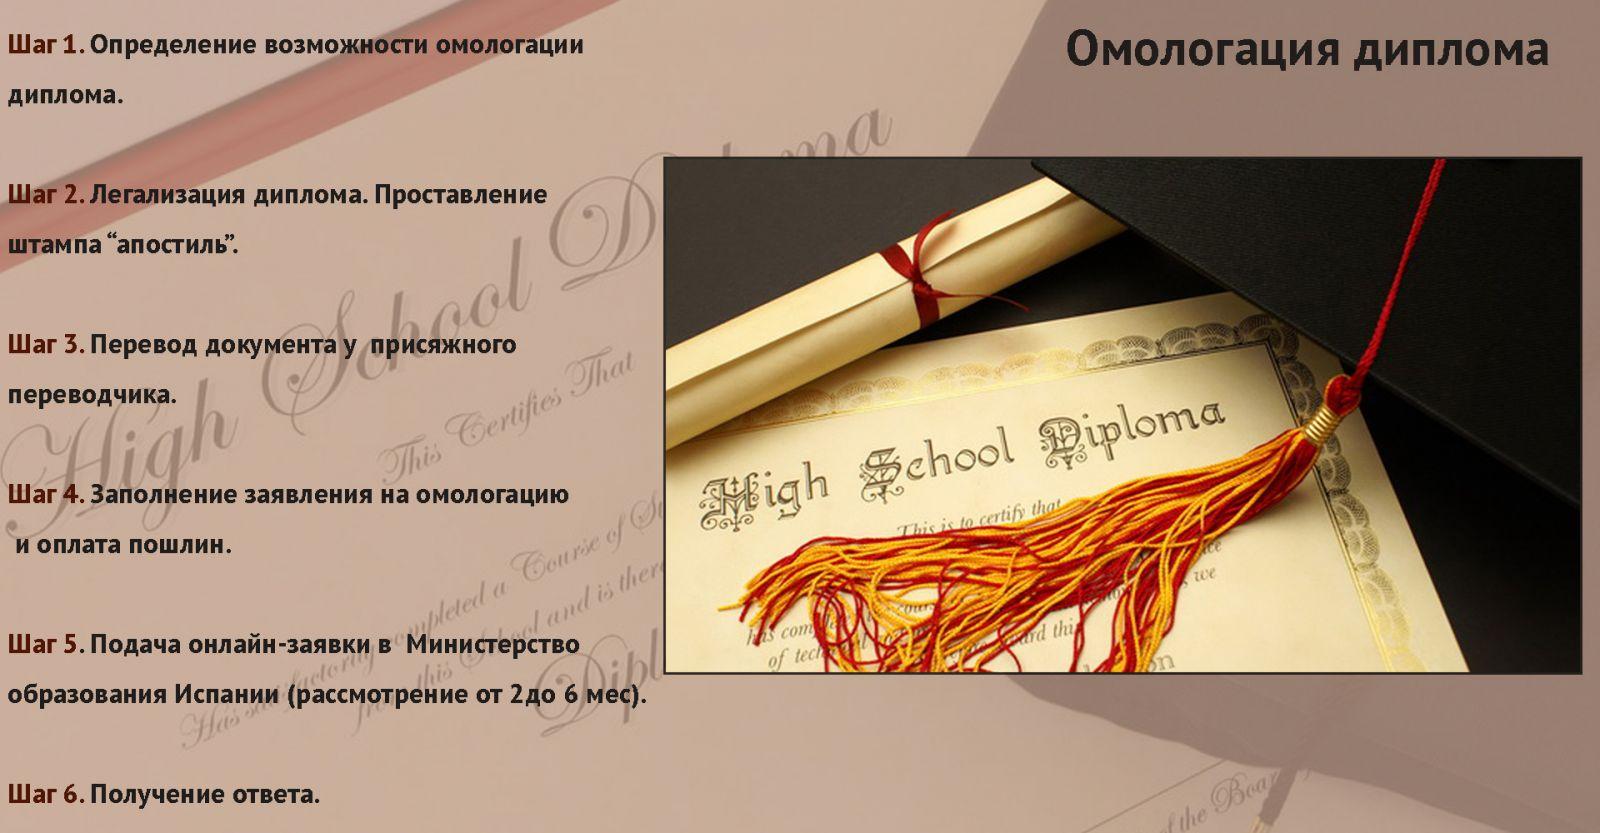 Пошаговый процесс омологации диплома